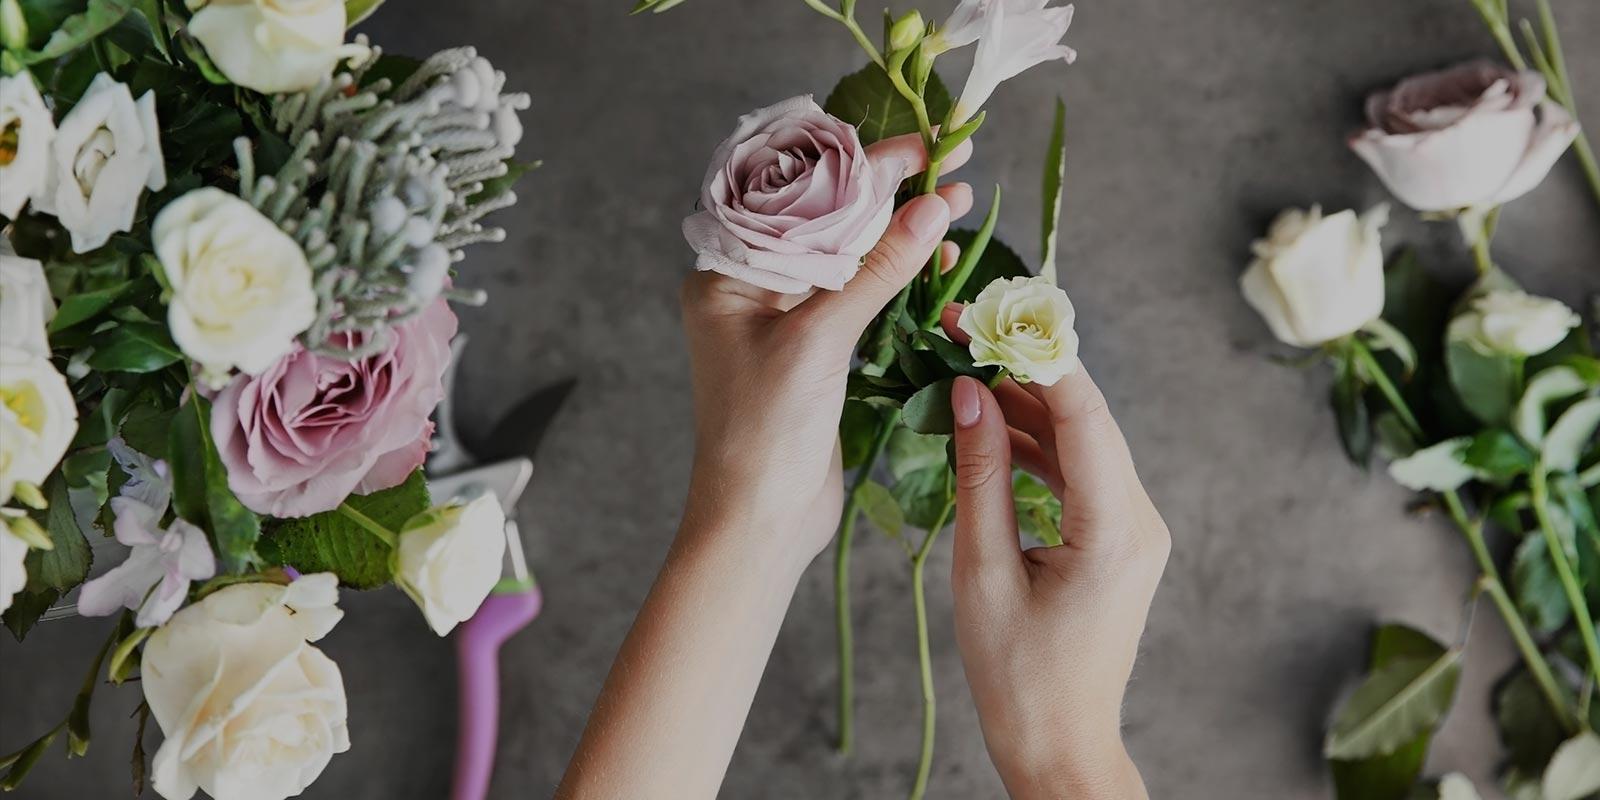 Comment choisir un bouquet de fleurs à offrir aux mariés?